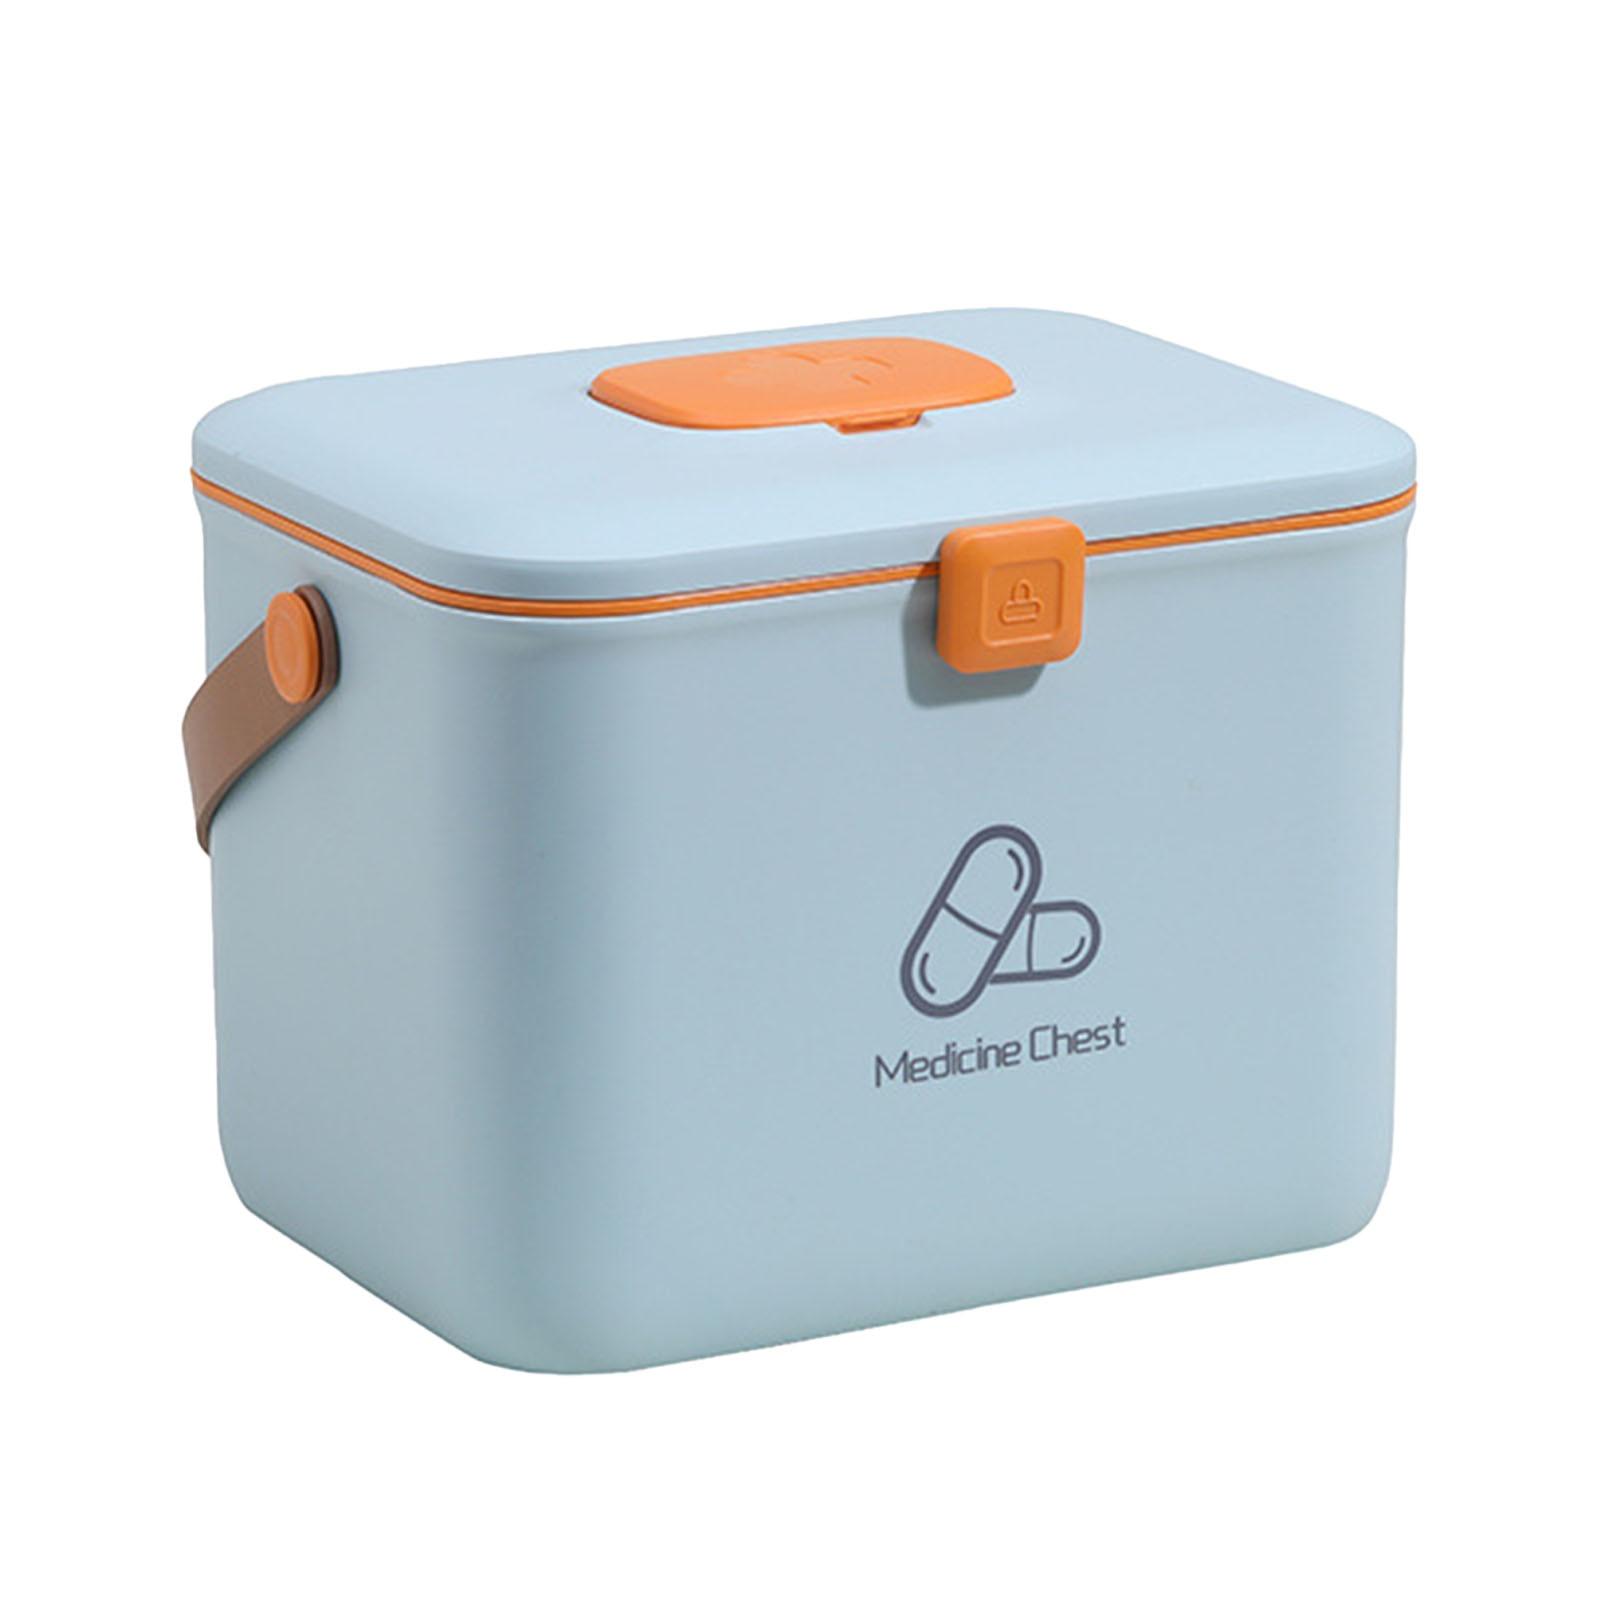 البلاستيك الإسعافات الأولية صندوق تخزين الأسرة الطب الحاويات بن مع زجاجات مياه بمقبض محمول طبقات مزدوجة الطوارئ طقم أدوات طبية